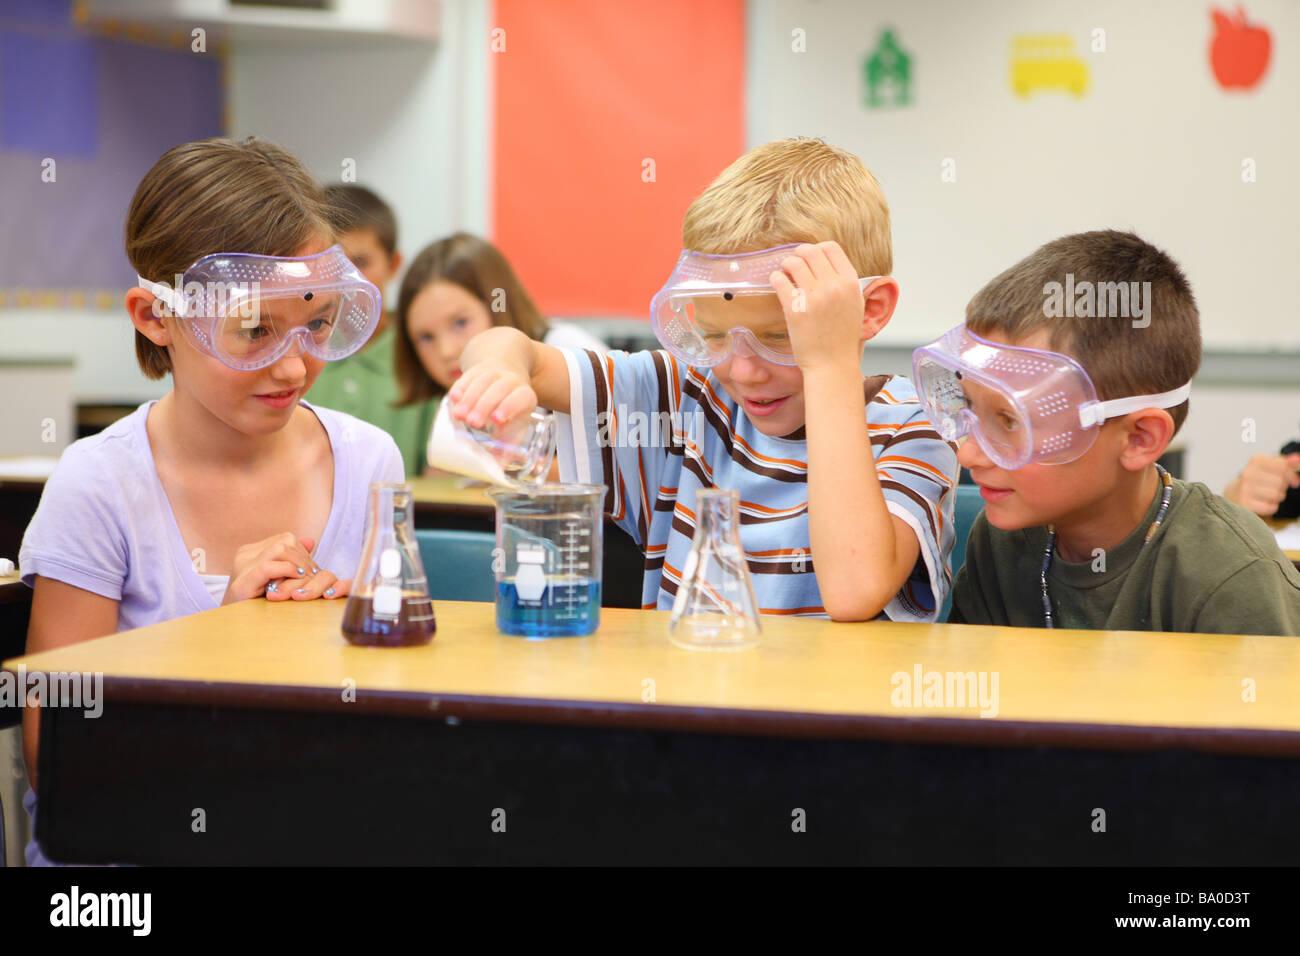 Les enfants de l'école de faire une expérience scientifique Photo Stock